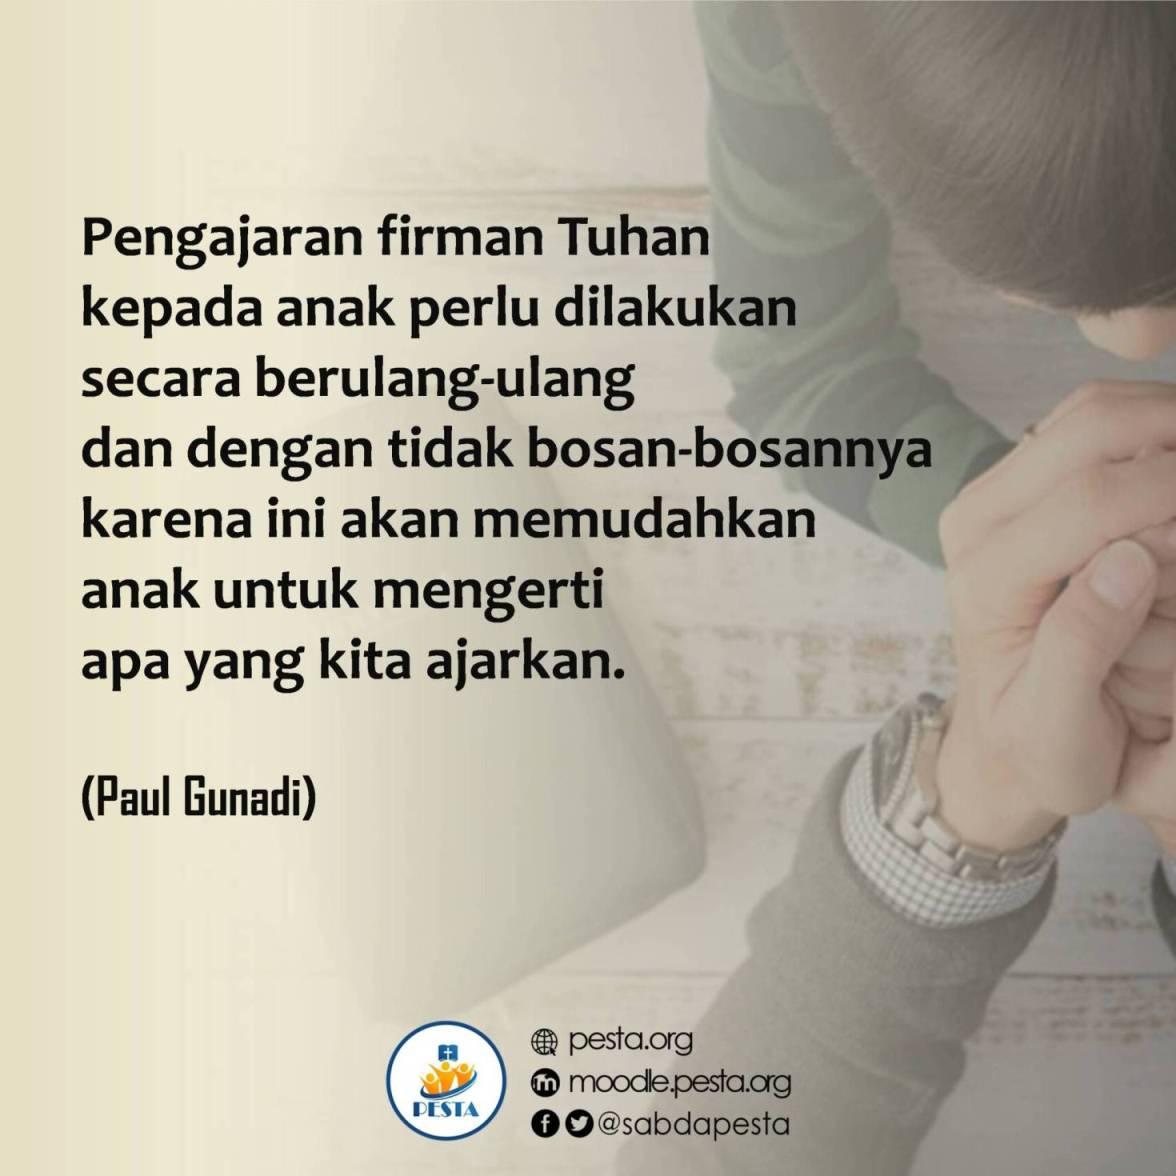 Paul Gunadi